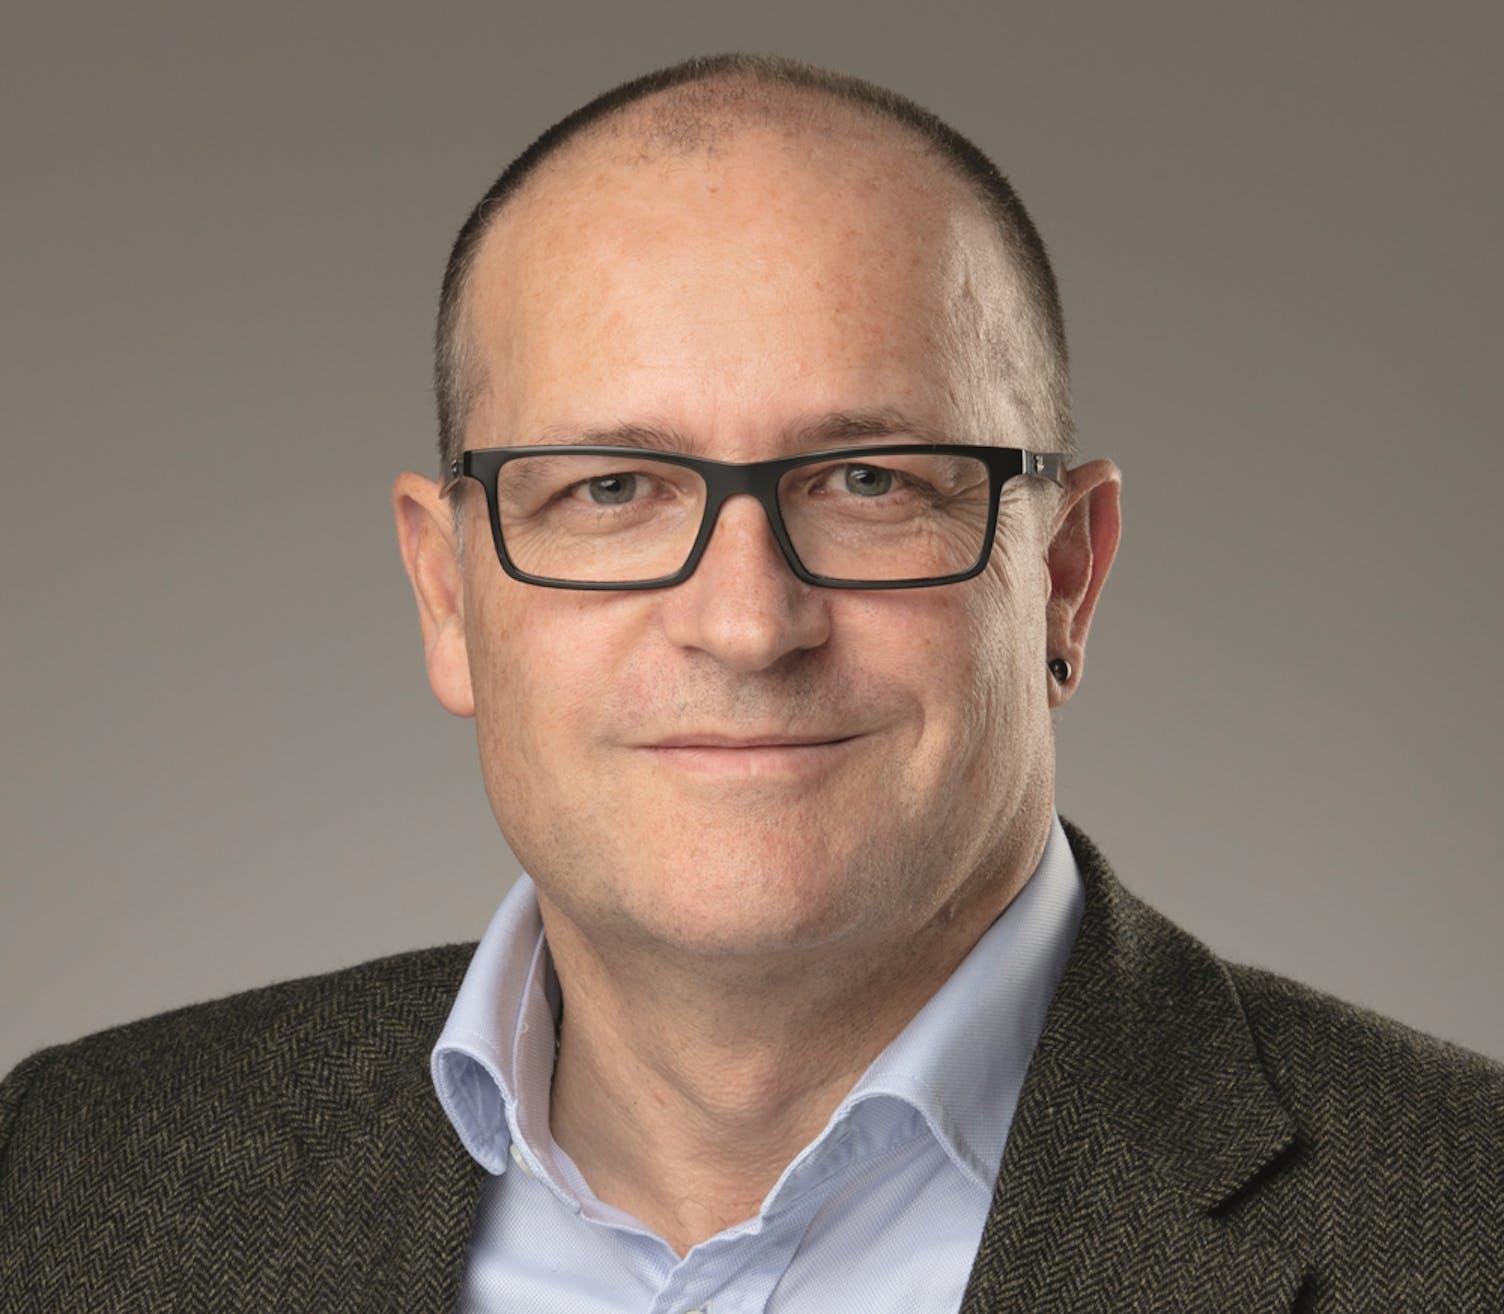 Rolf Maag